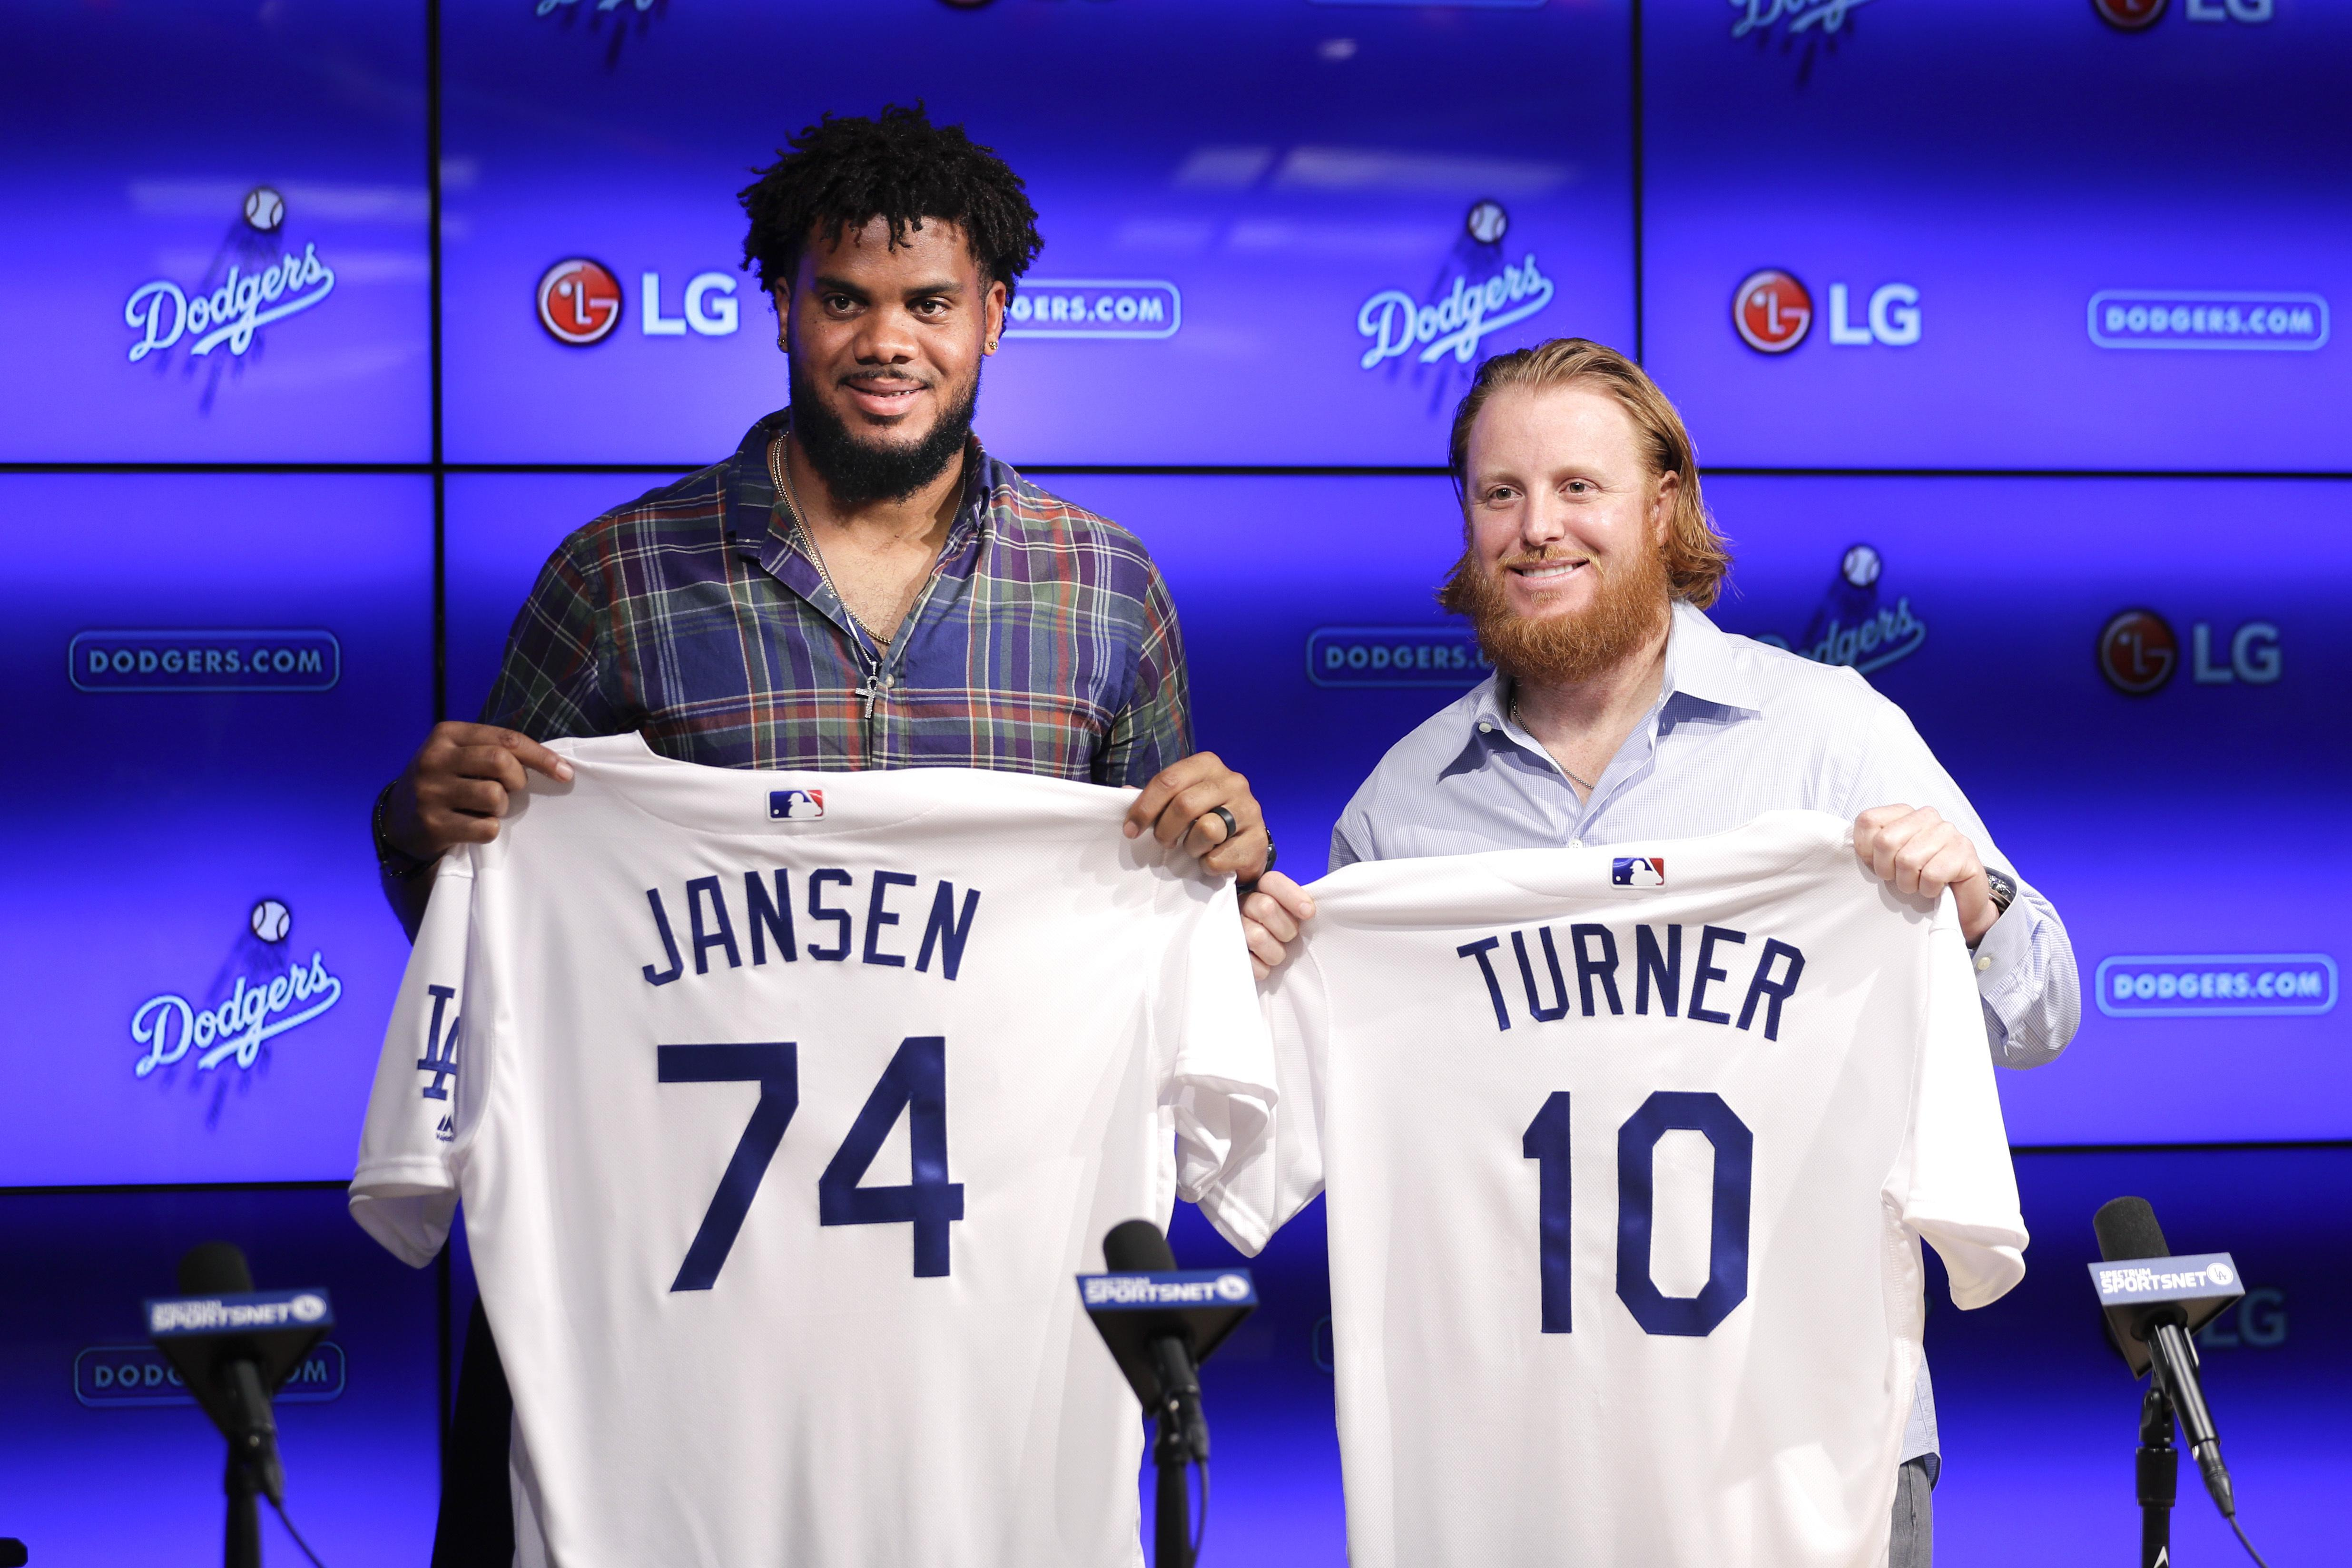 Dodgers_jansen_turner_baseball_53318